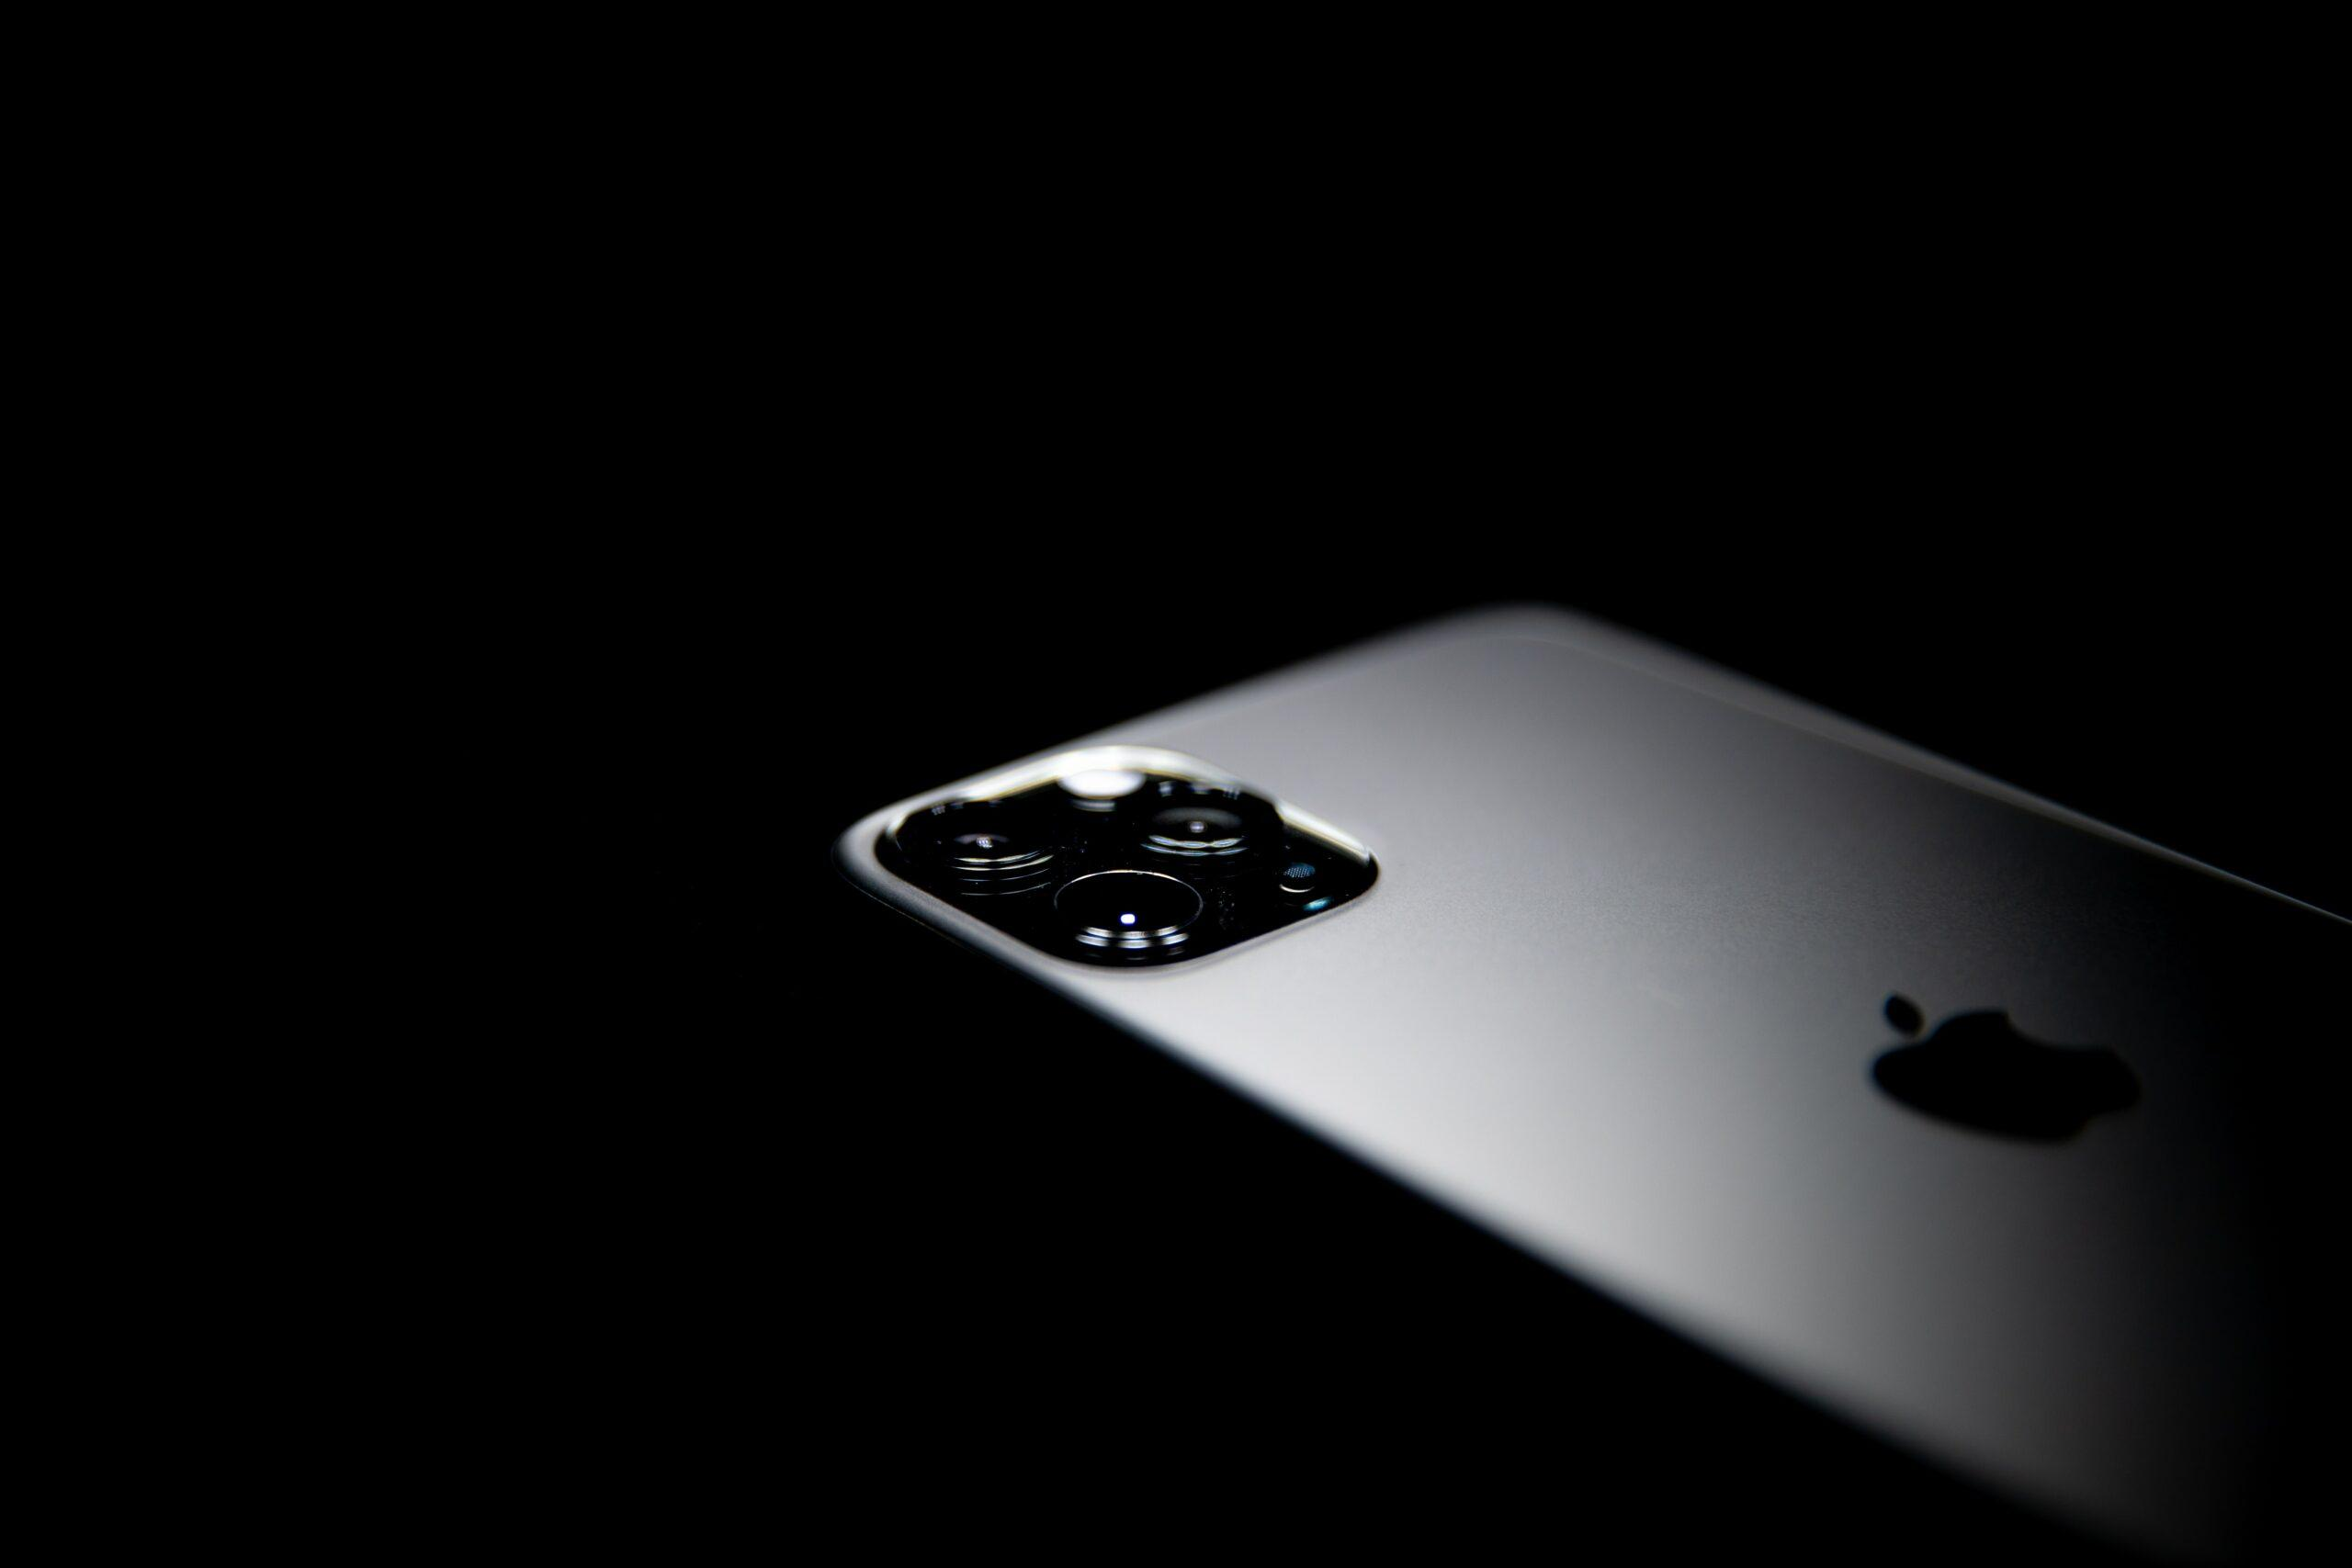 Imagem do iPhone 11 Pro Max, modelo preto